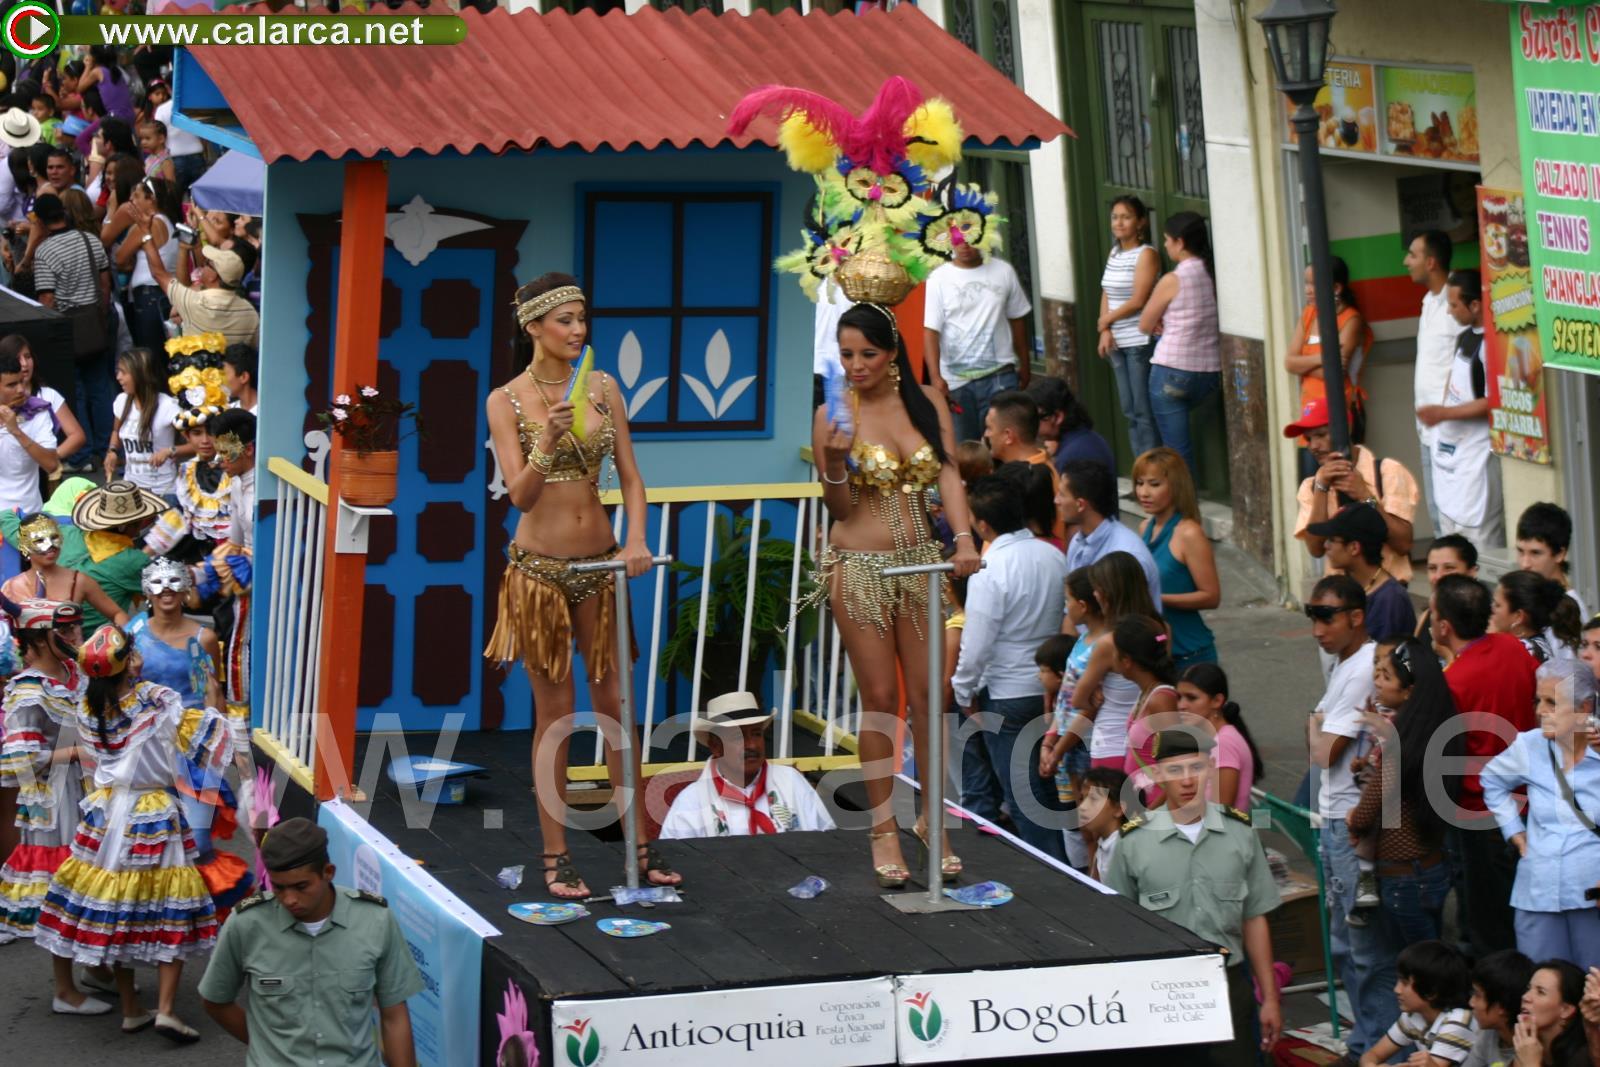 Antioquia - Diana Marcela Marín Piedrahita; Bogotá D. C. - Sharon Smith García González